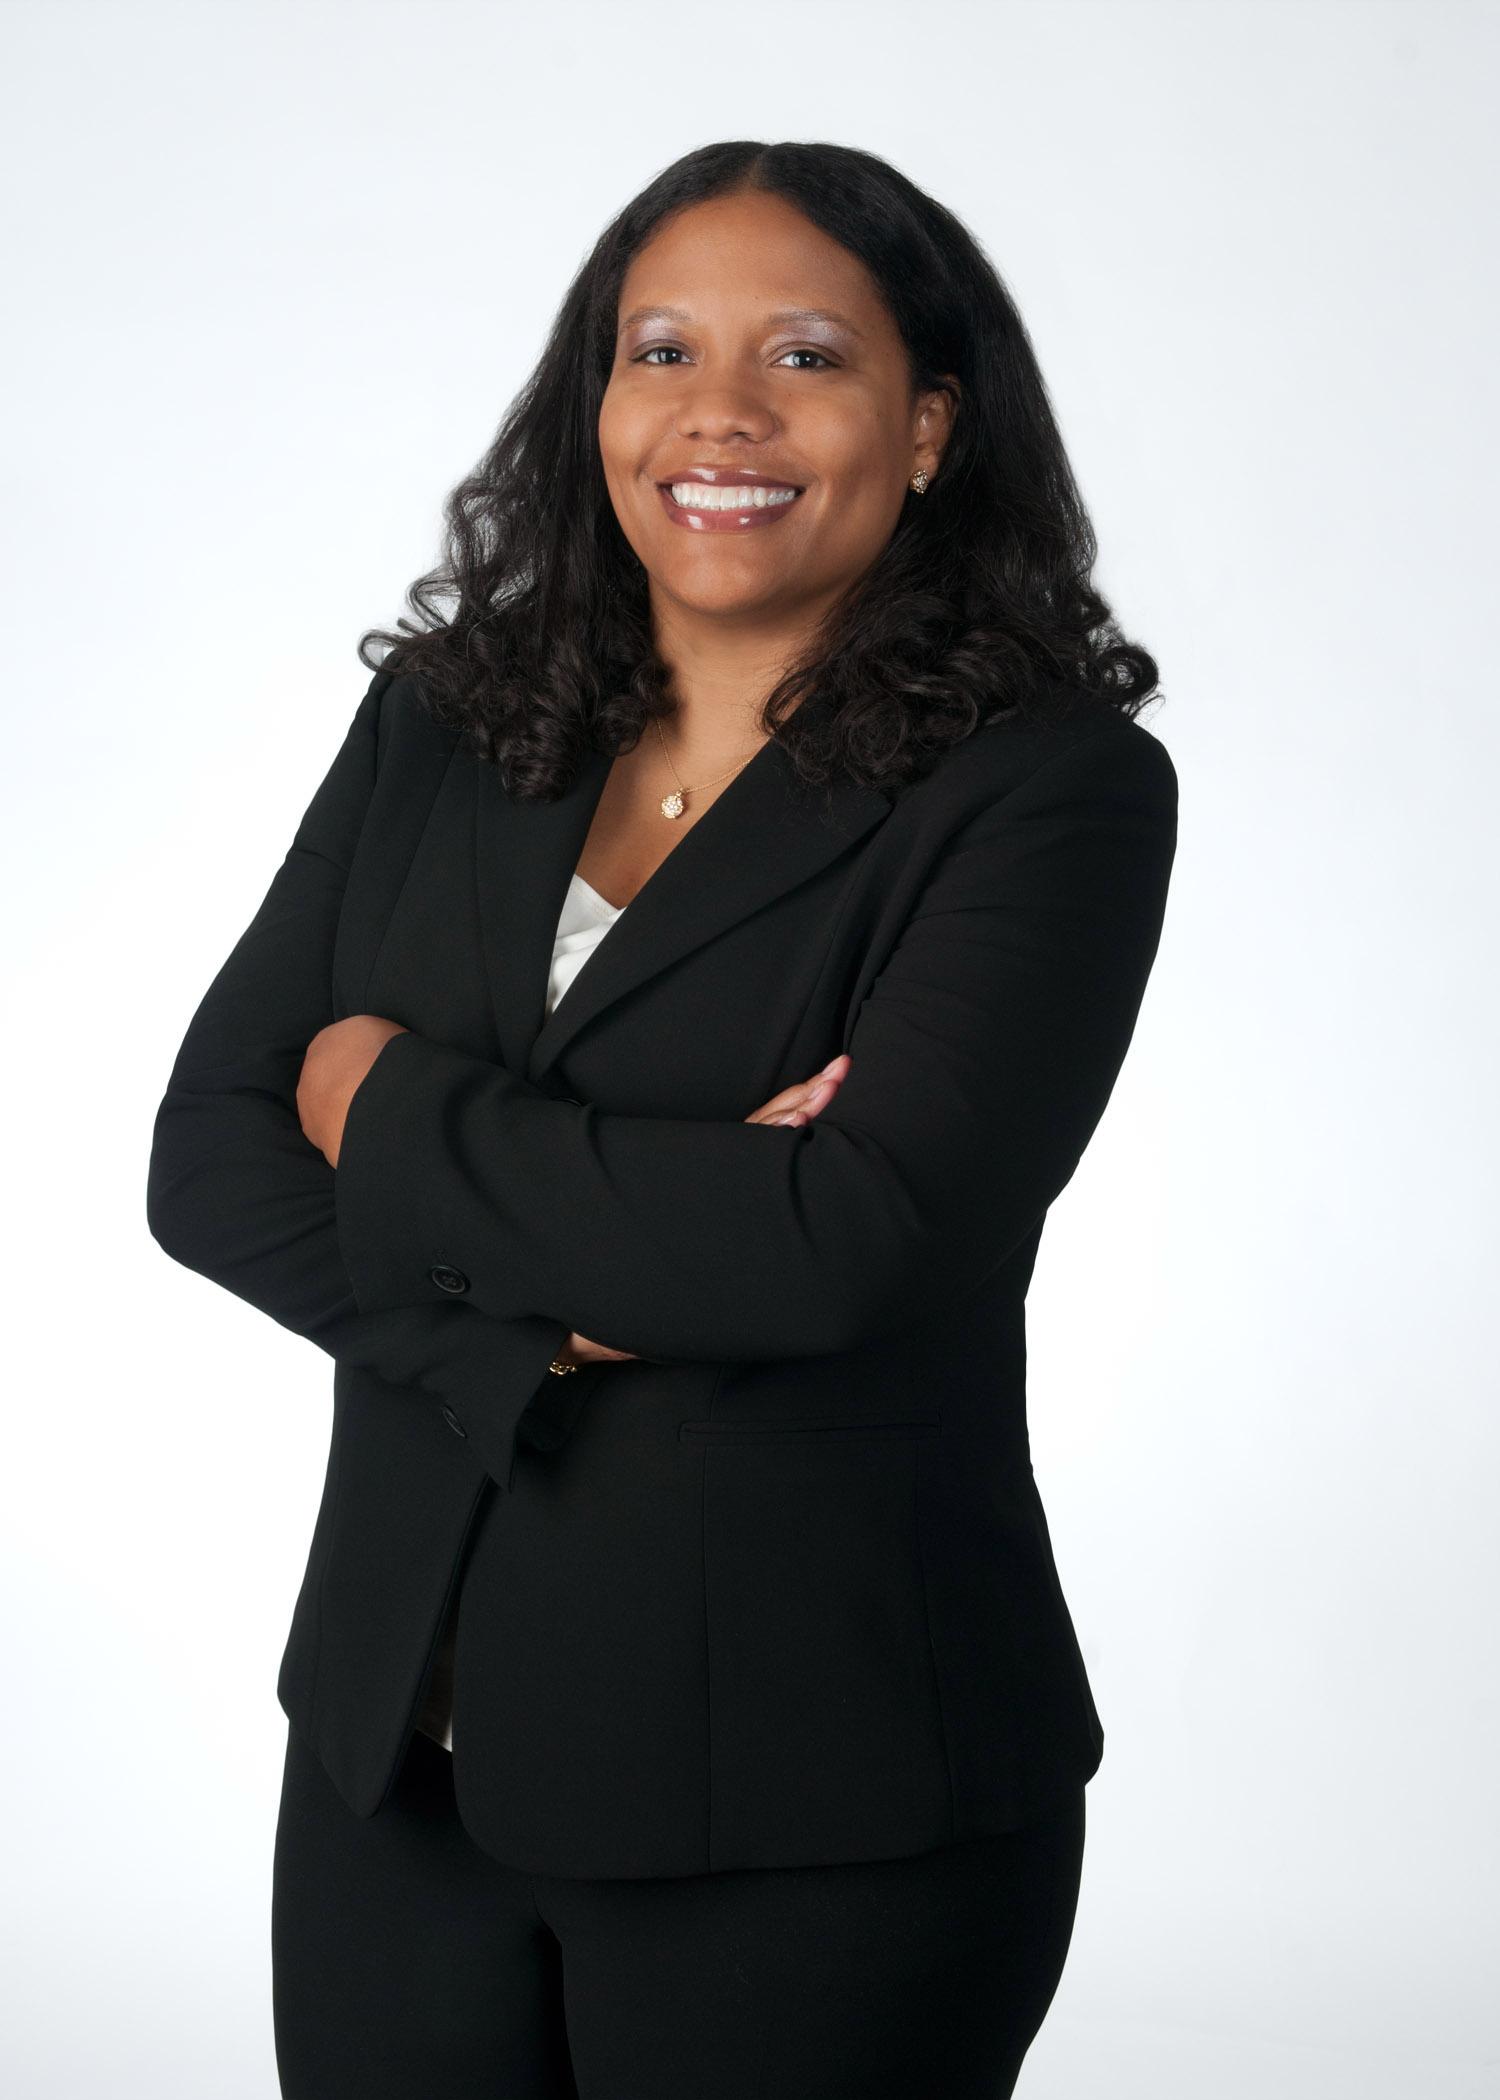 Nicole Allen E-Discovery Senior Attorney